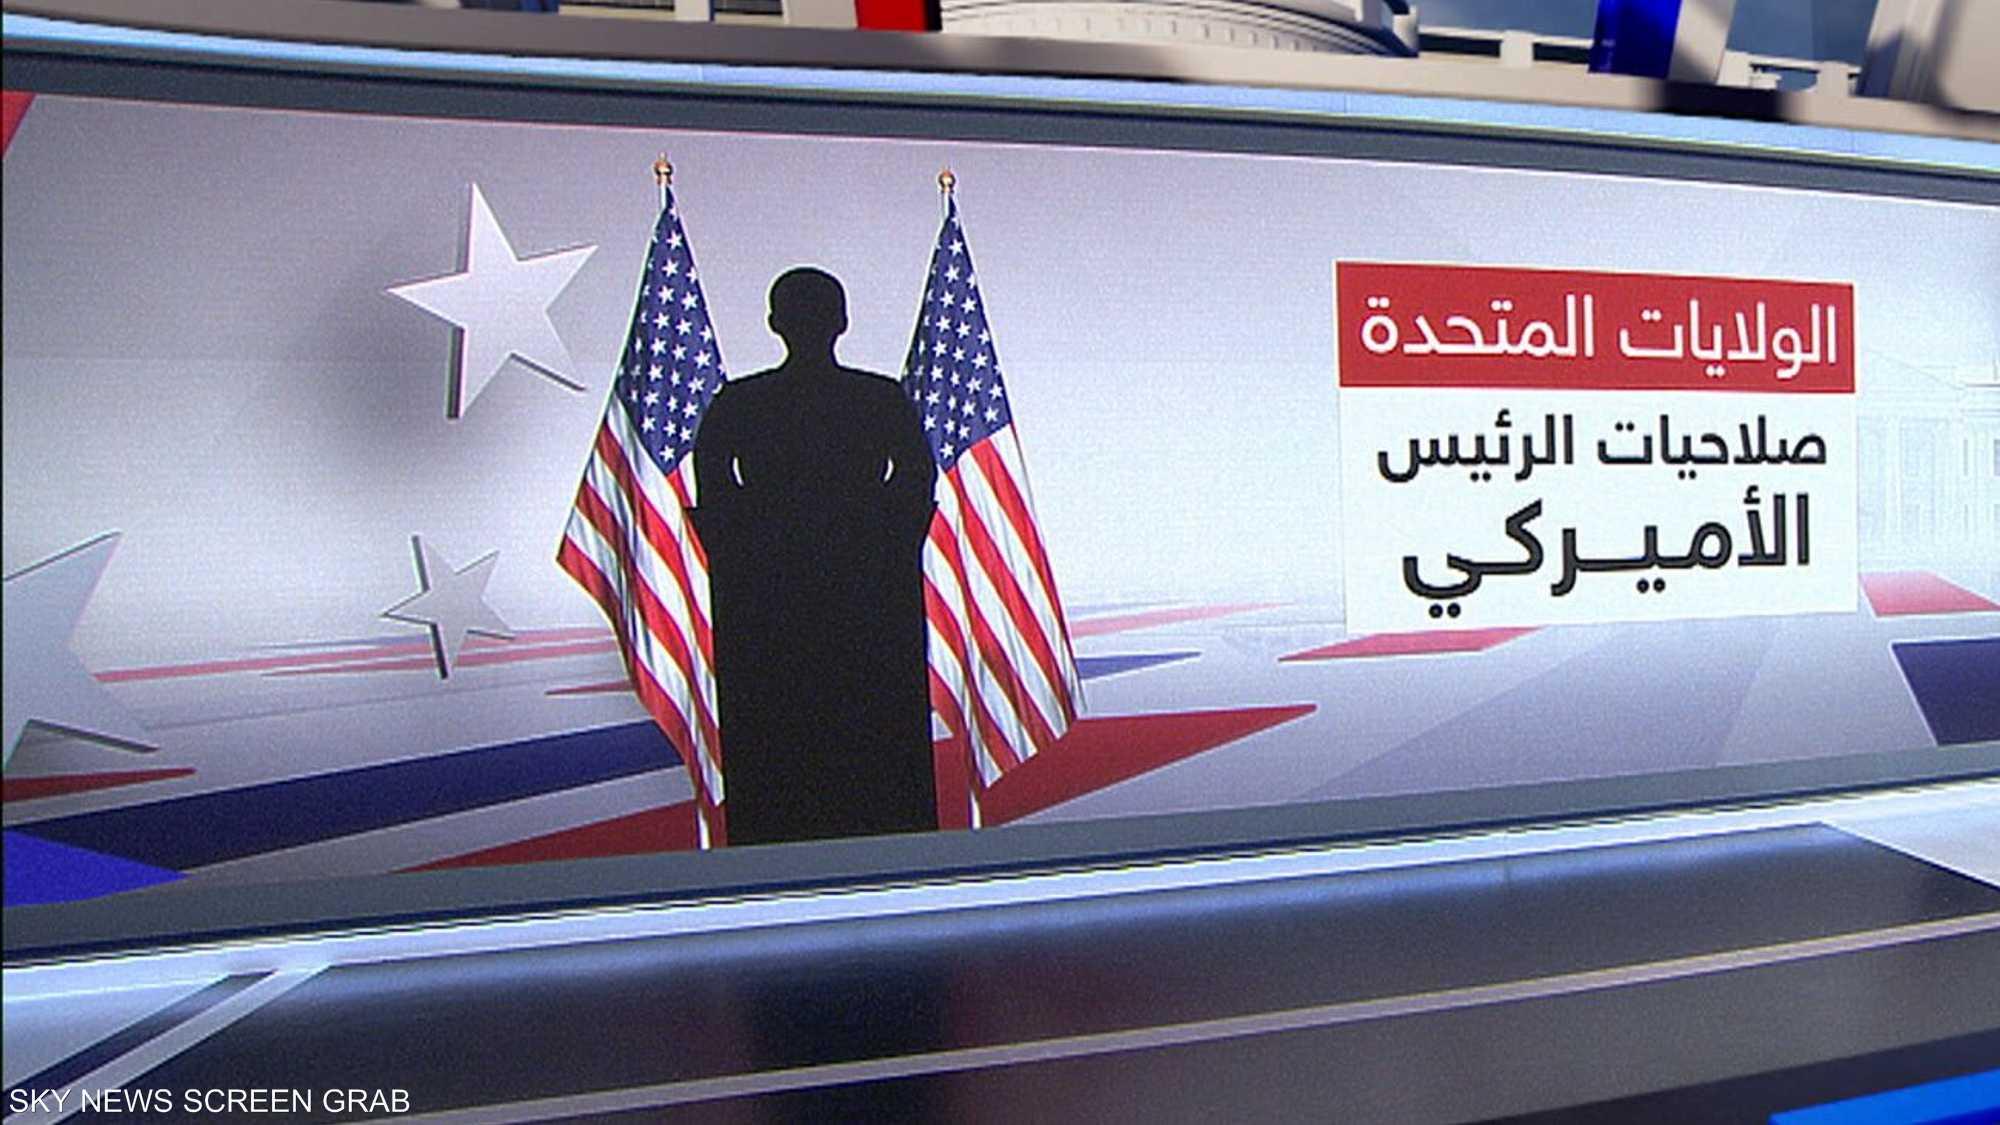 الرئاسة الأميركية.. صلاحيات الرئيس الواسعة